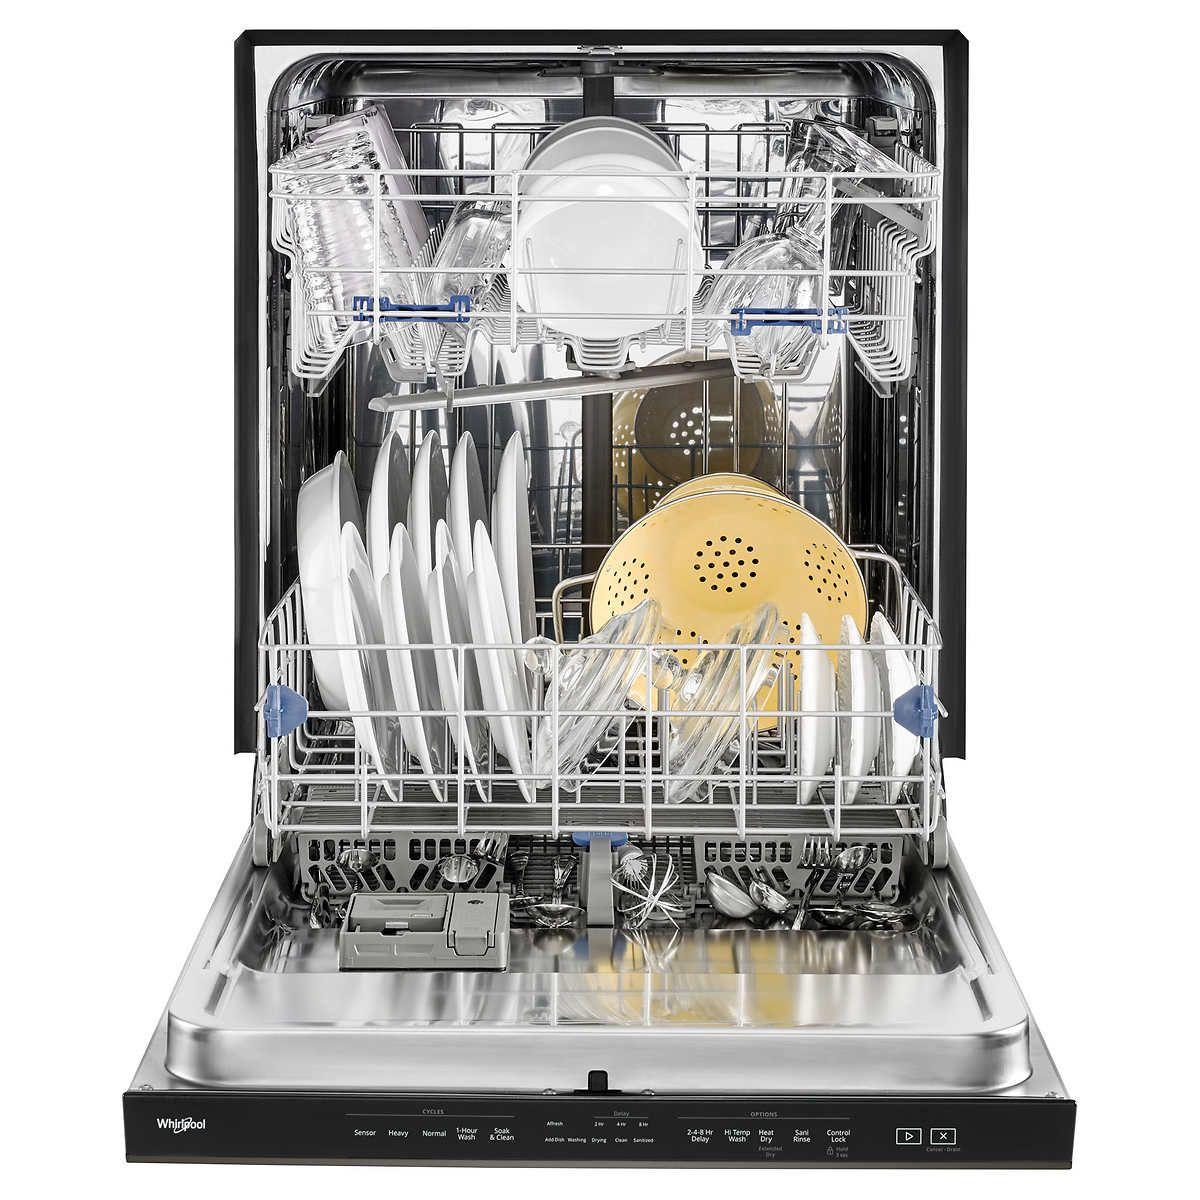 Pin By Lynn Benda On Lynn S Wish List Whirlpool Dishwasher Steel Tub Black Dishwasher